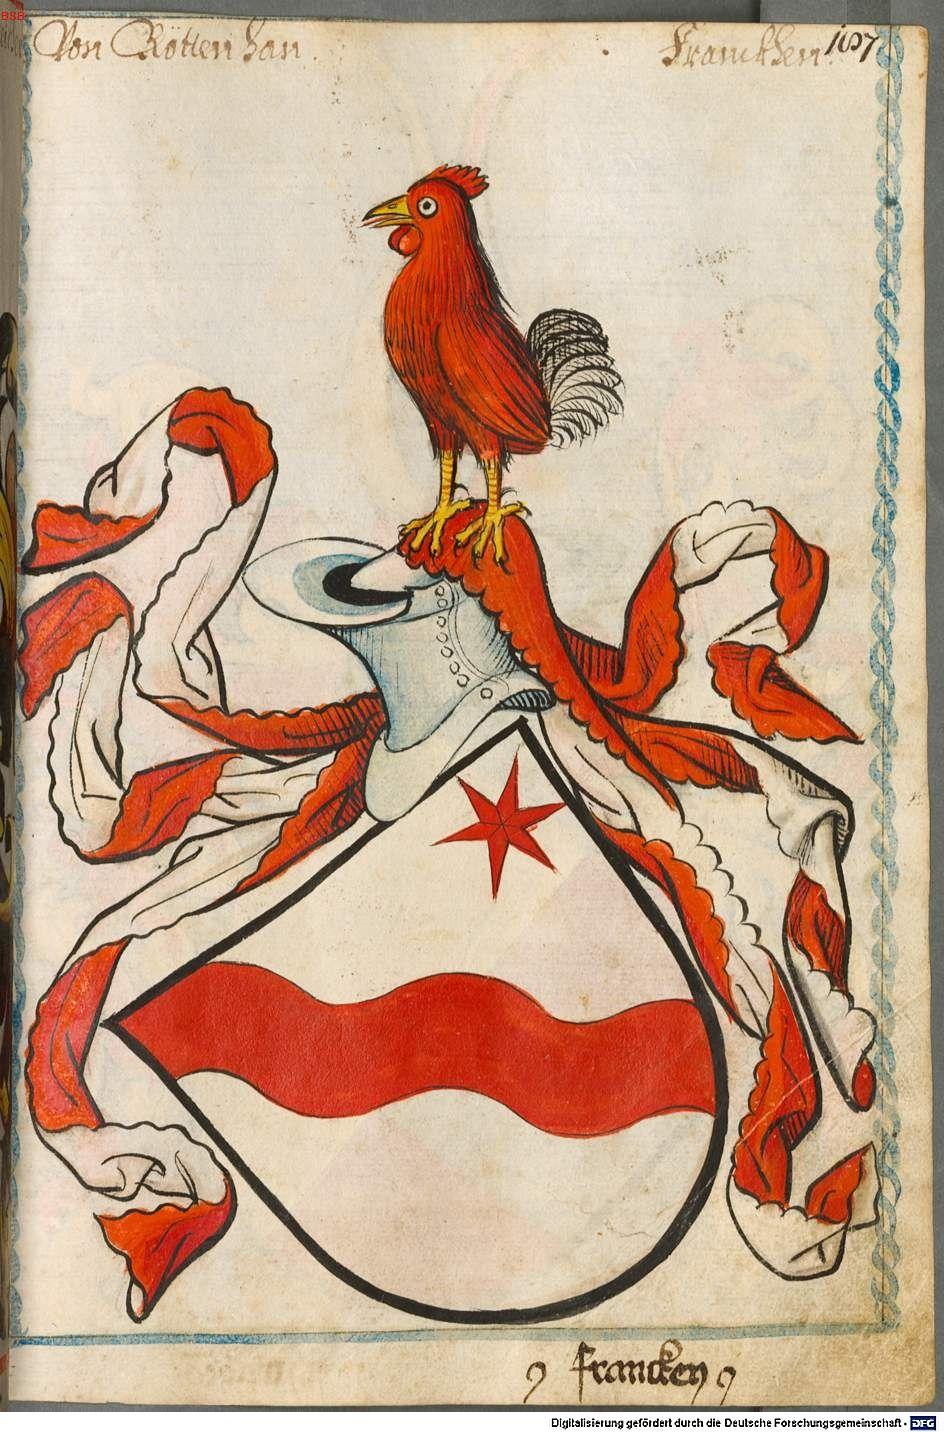 Scheibler'sches Wappenbuch Süddeutschland, um 1450 - 17. Jh. Cod.icon. 312 c  Folio 187